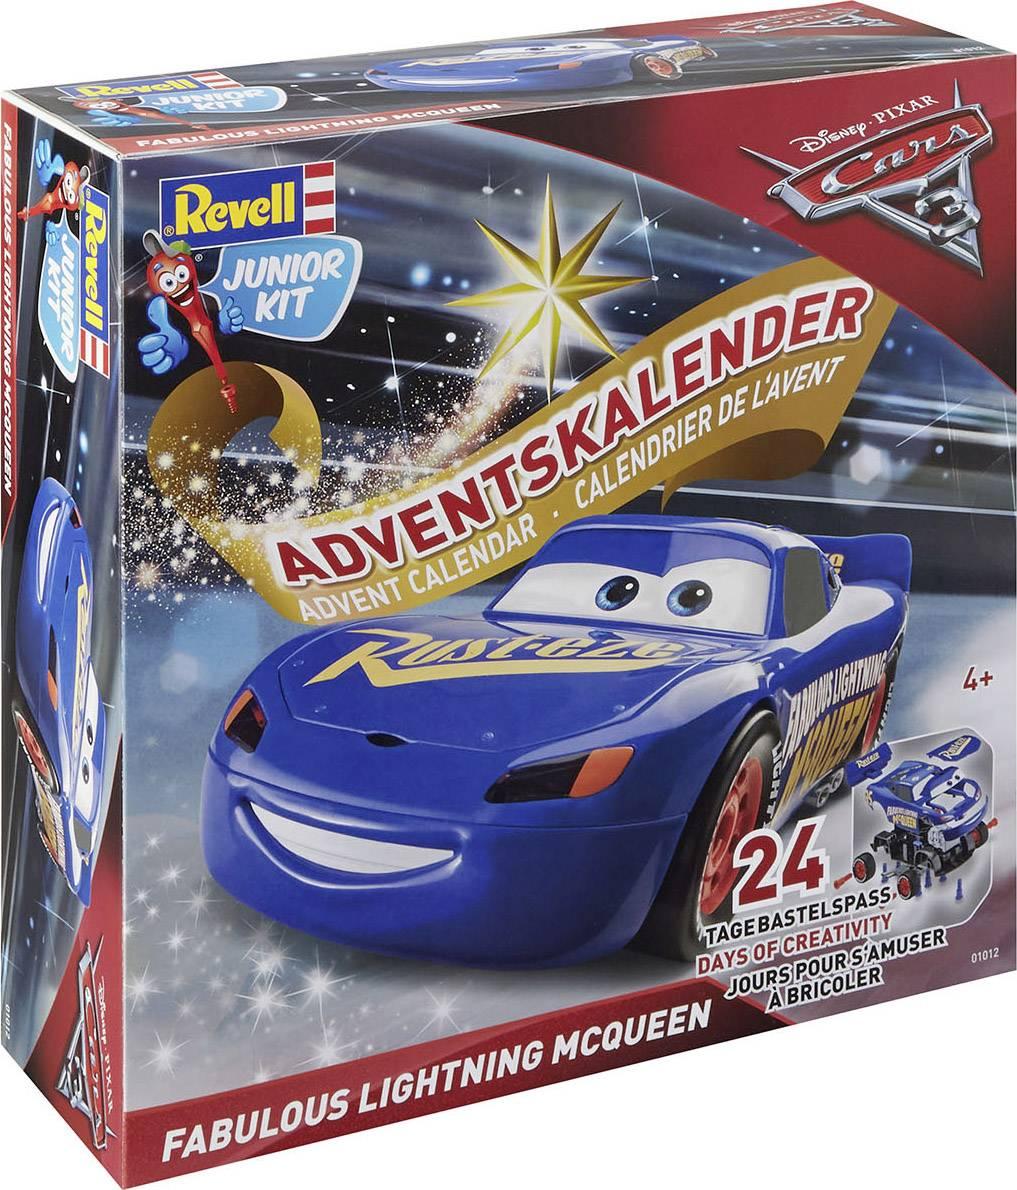 Cars Weihnachtskalender.Adventskalender Revell Control Junior Lightning Mcqueen Speelgoed